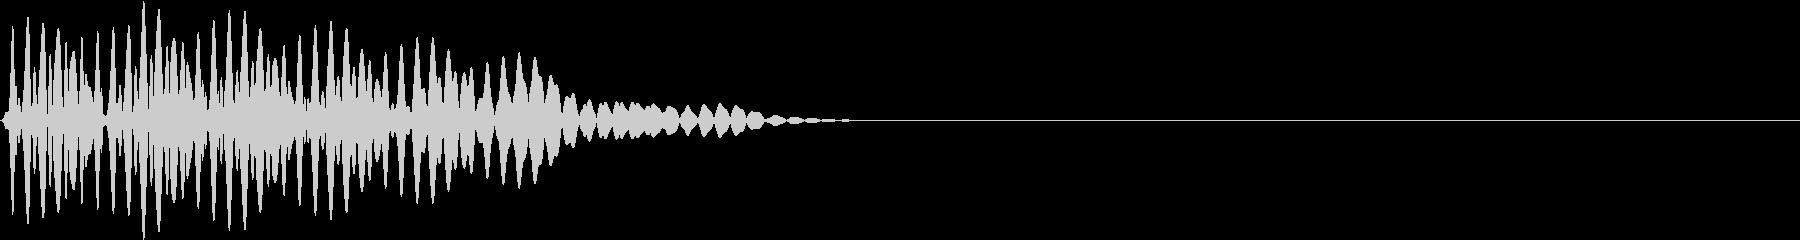 汎用UI_aの未再生の波形